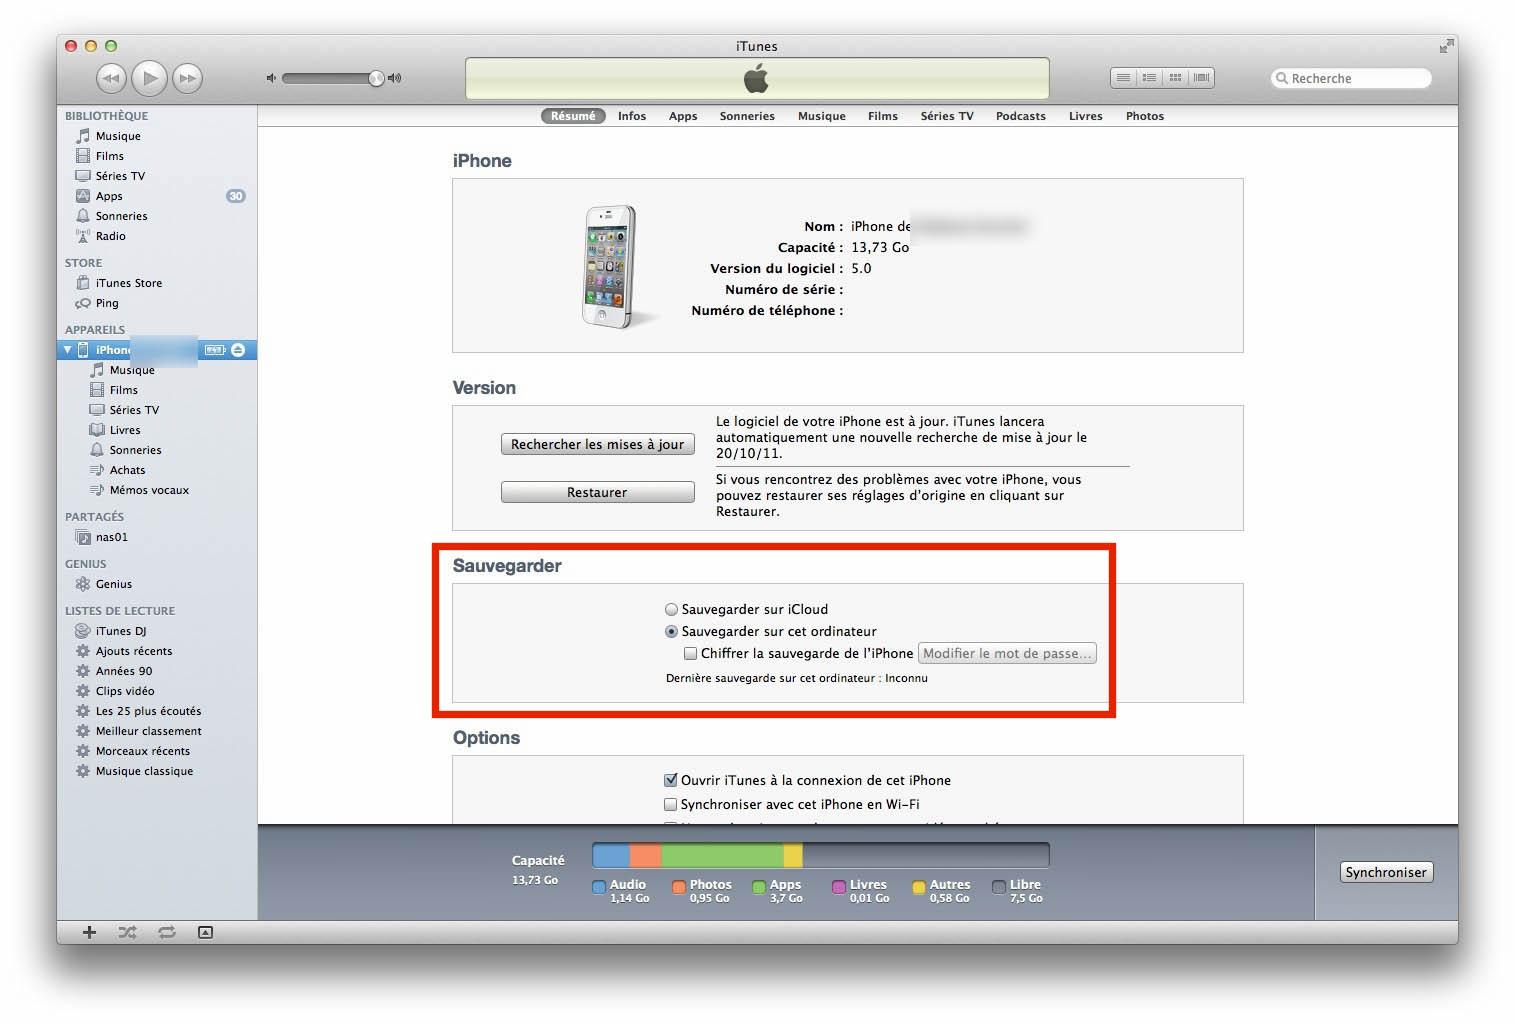 Sauvegarde sur iTunes